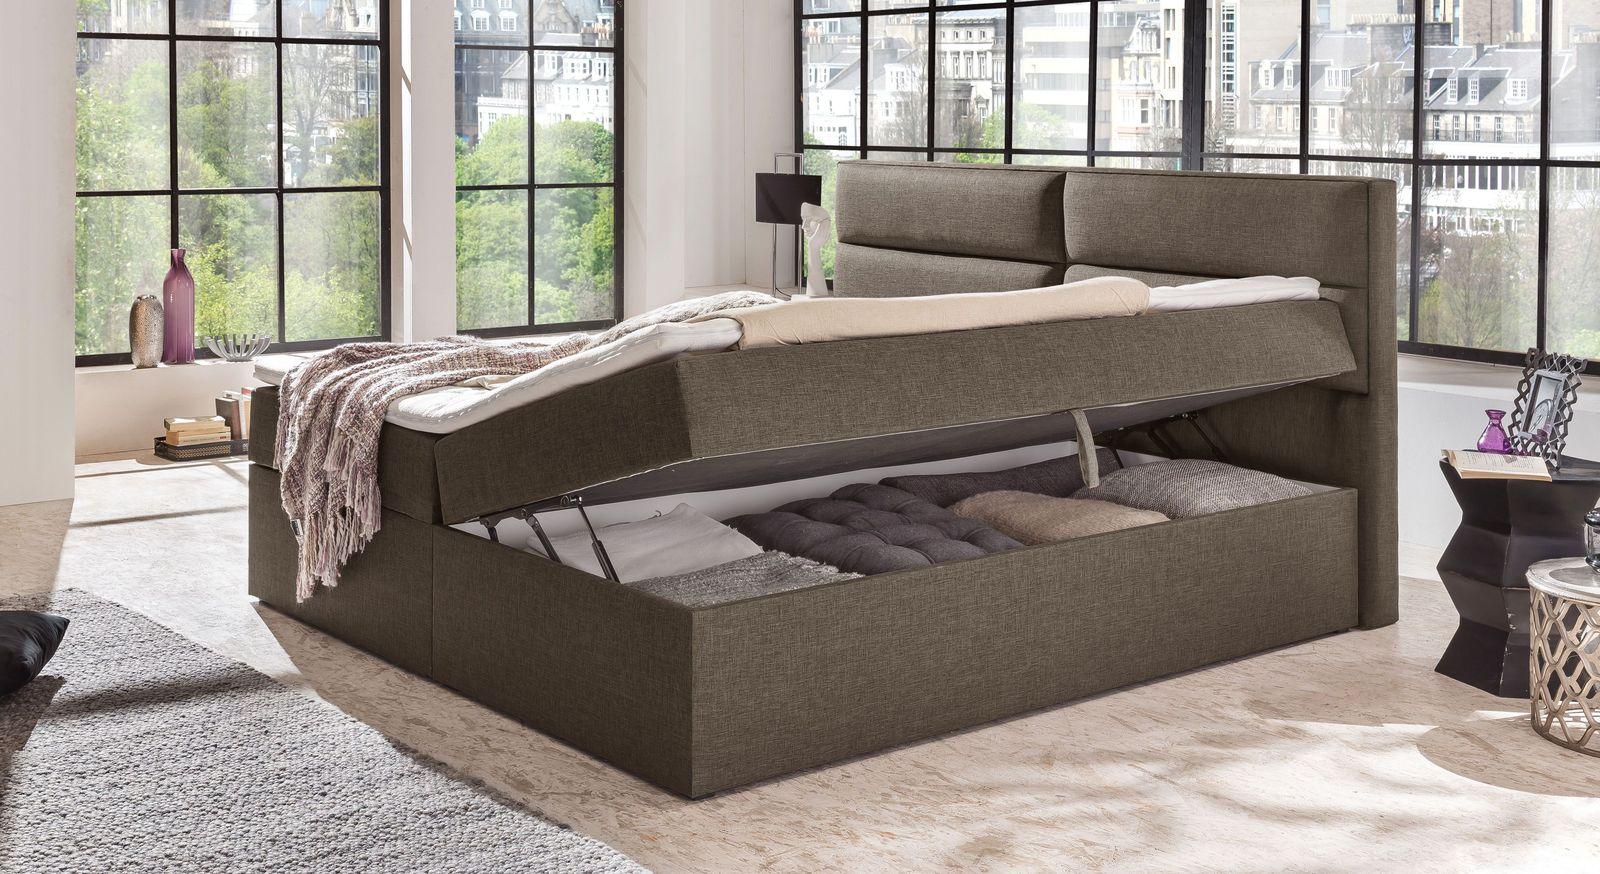 preiswertes boxbett mit bettkasten matratze und topper mileto. Black Bedroom Furniture Sets. Home Design Ideas